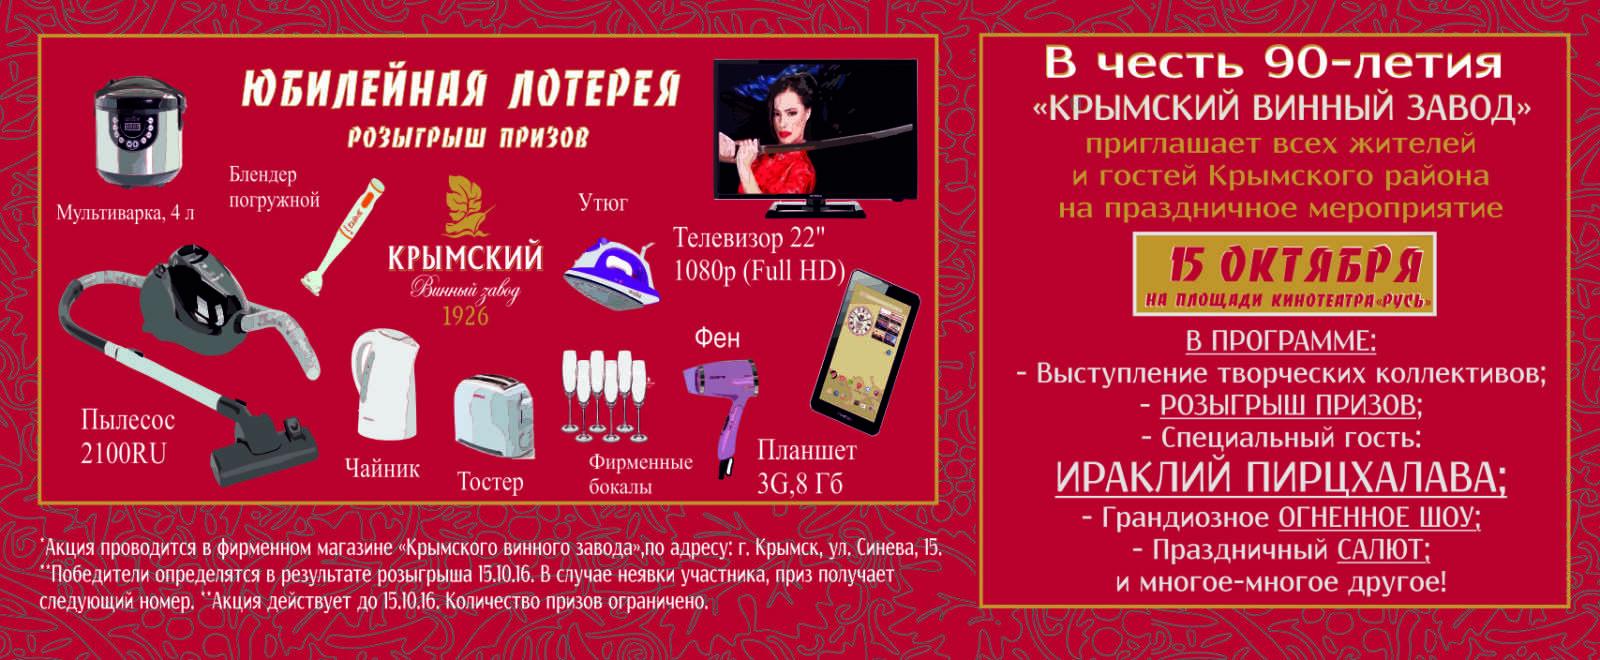 лотерея 2016 Крымский винный завод